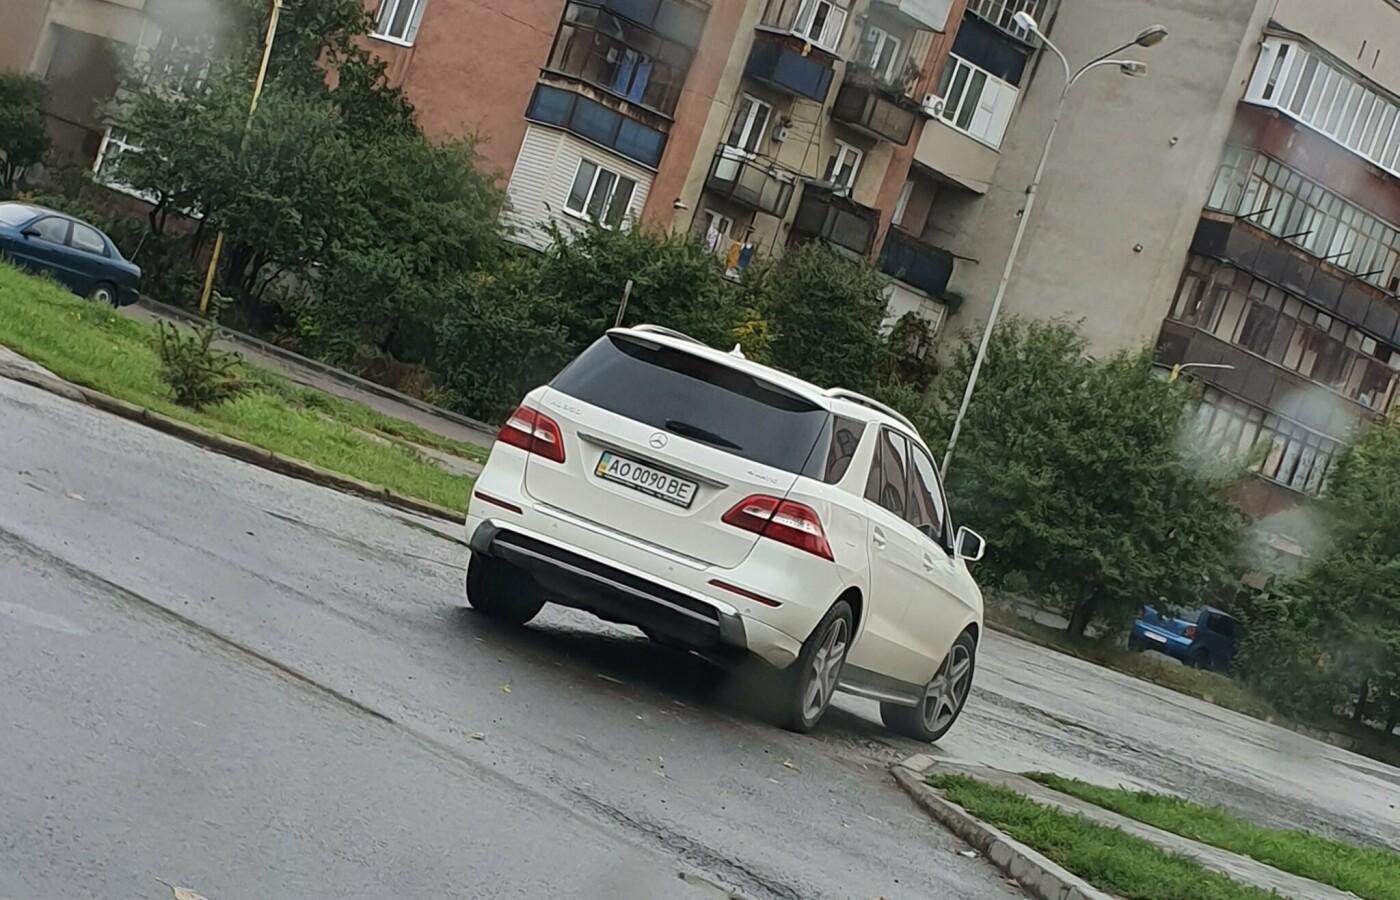 Мер Ужгорода грубо порушив правила дорожнього руху, щоб... сфотографувати яму на дорозі (ФОТОФАКТ), фото-3